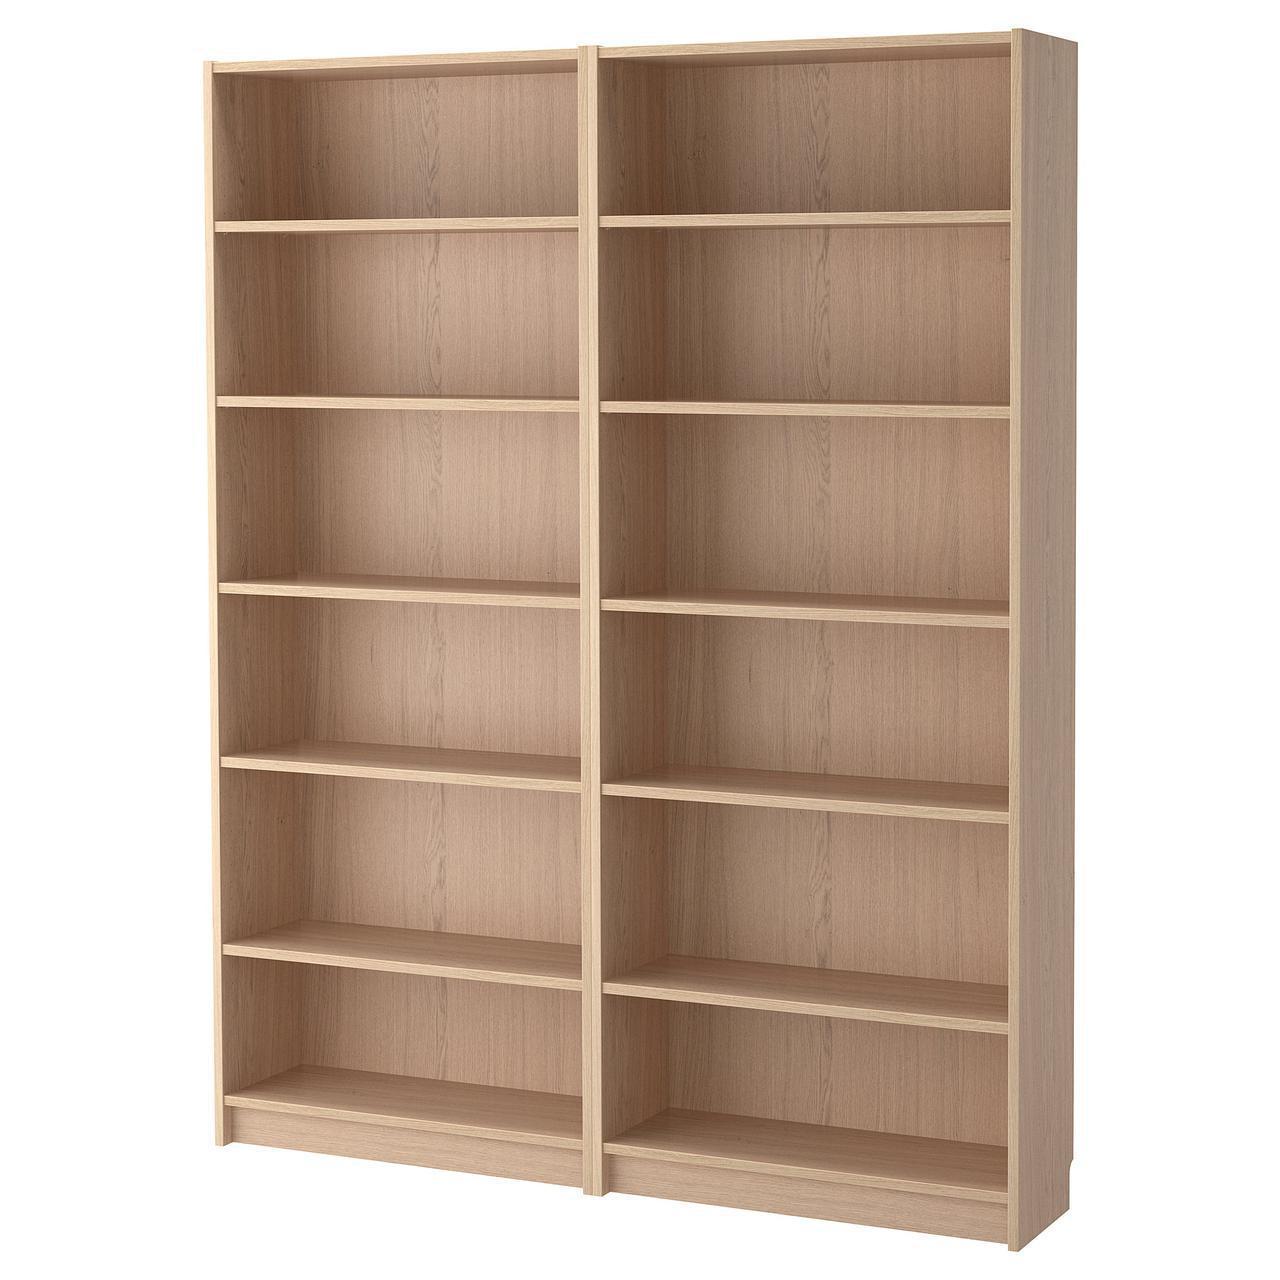 Стеллаж IKEA BILLY 160x202x28 см беленый дуб 192.499.44